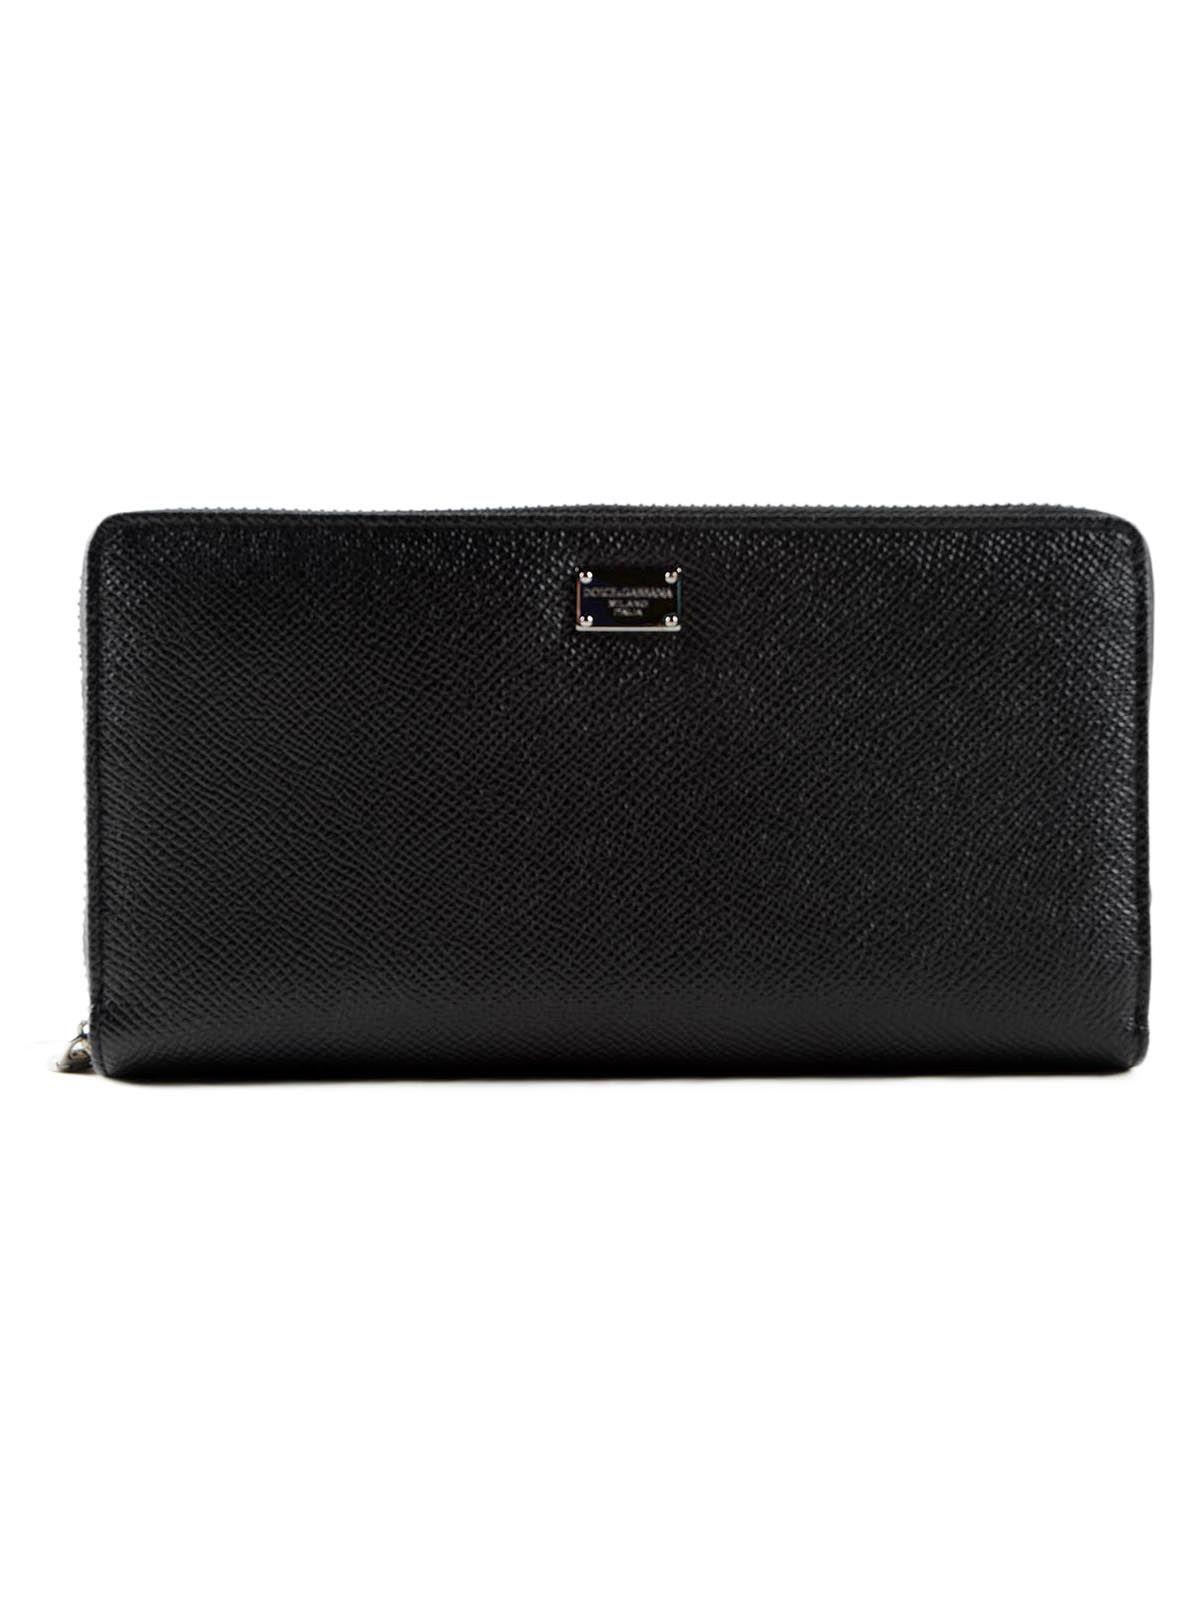 Dolce & Gabbana Dolce & Gabbana Dauphine Zip Around Wallet